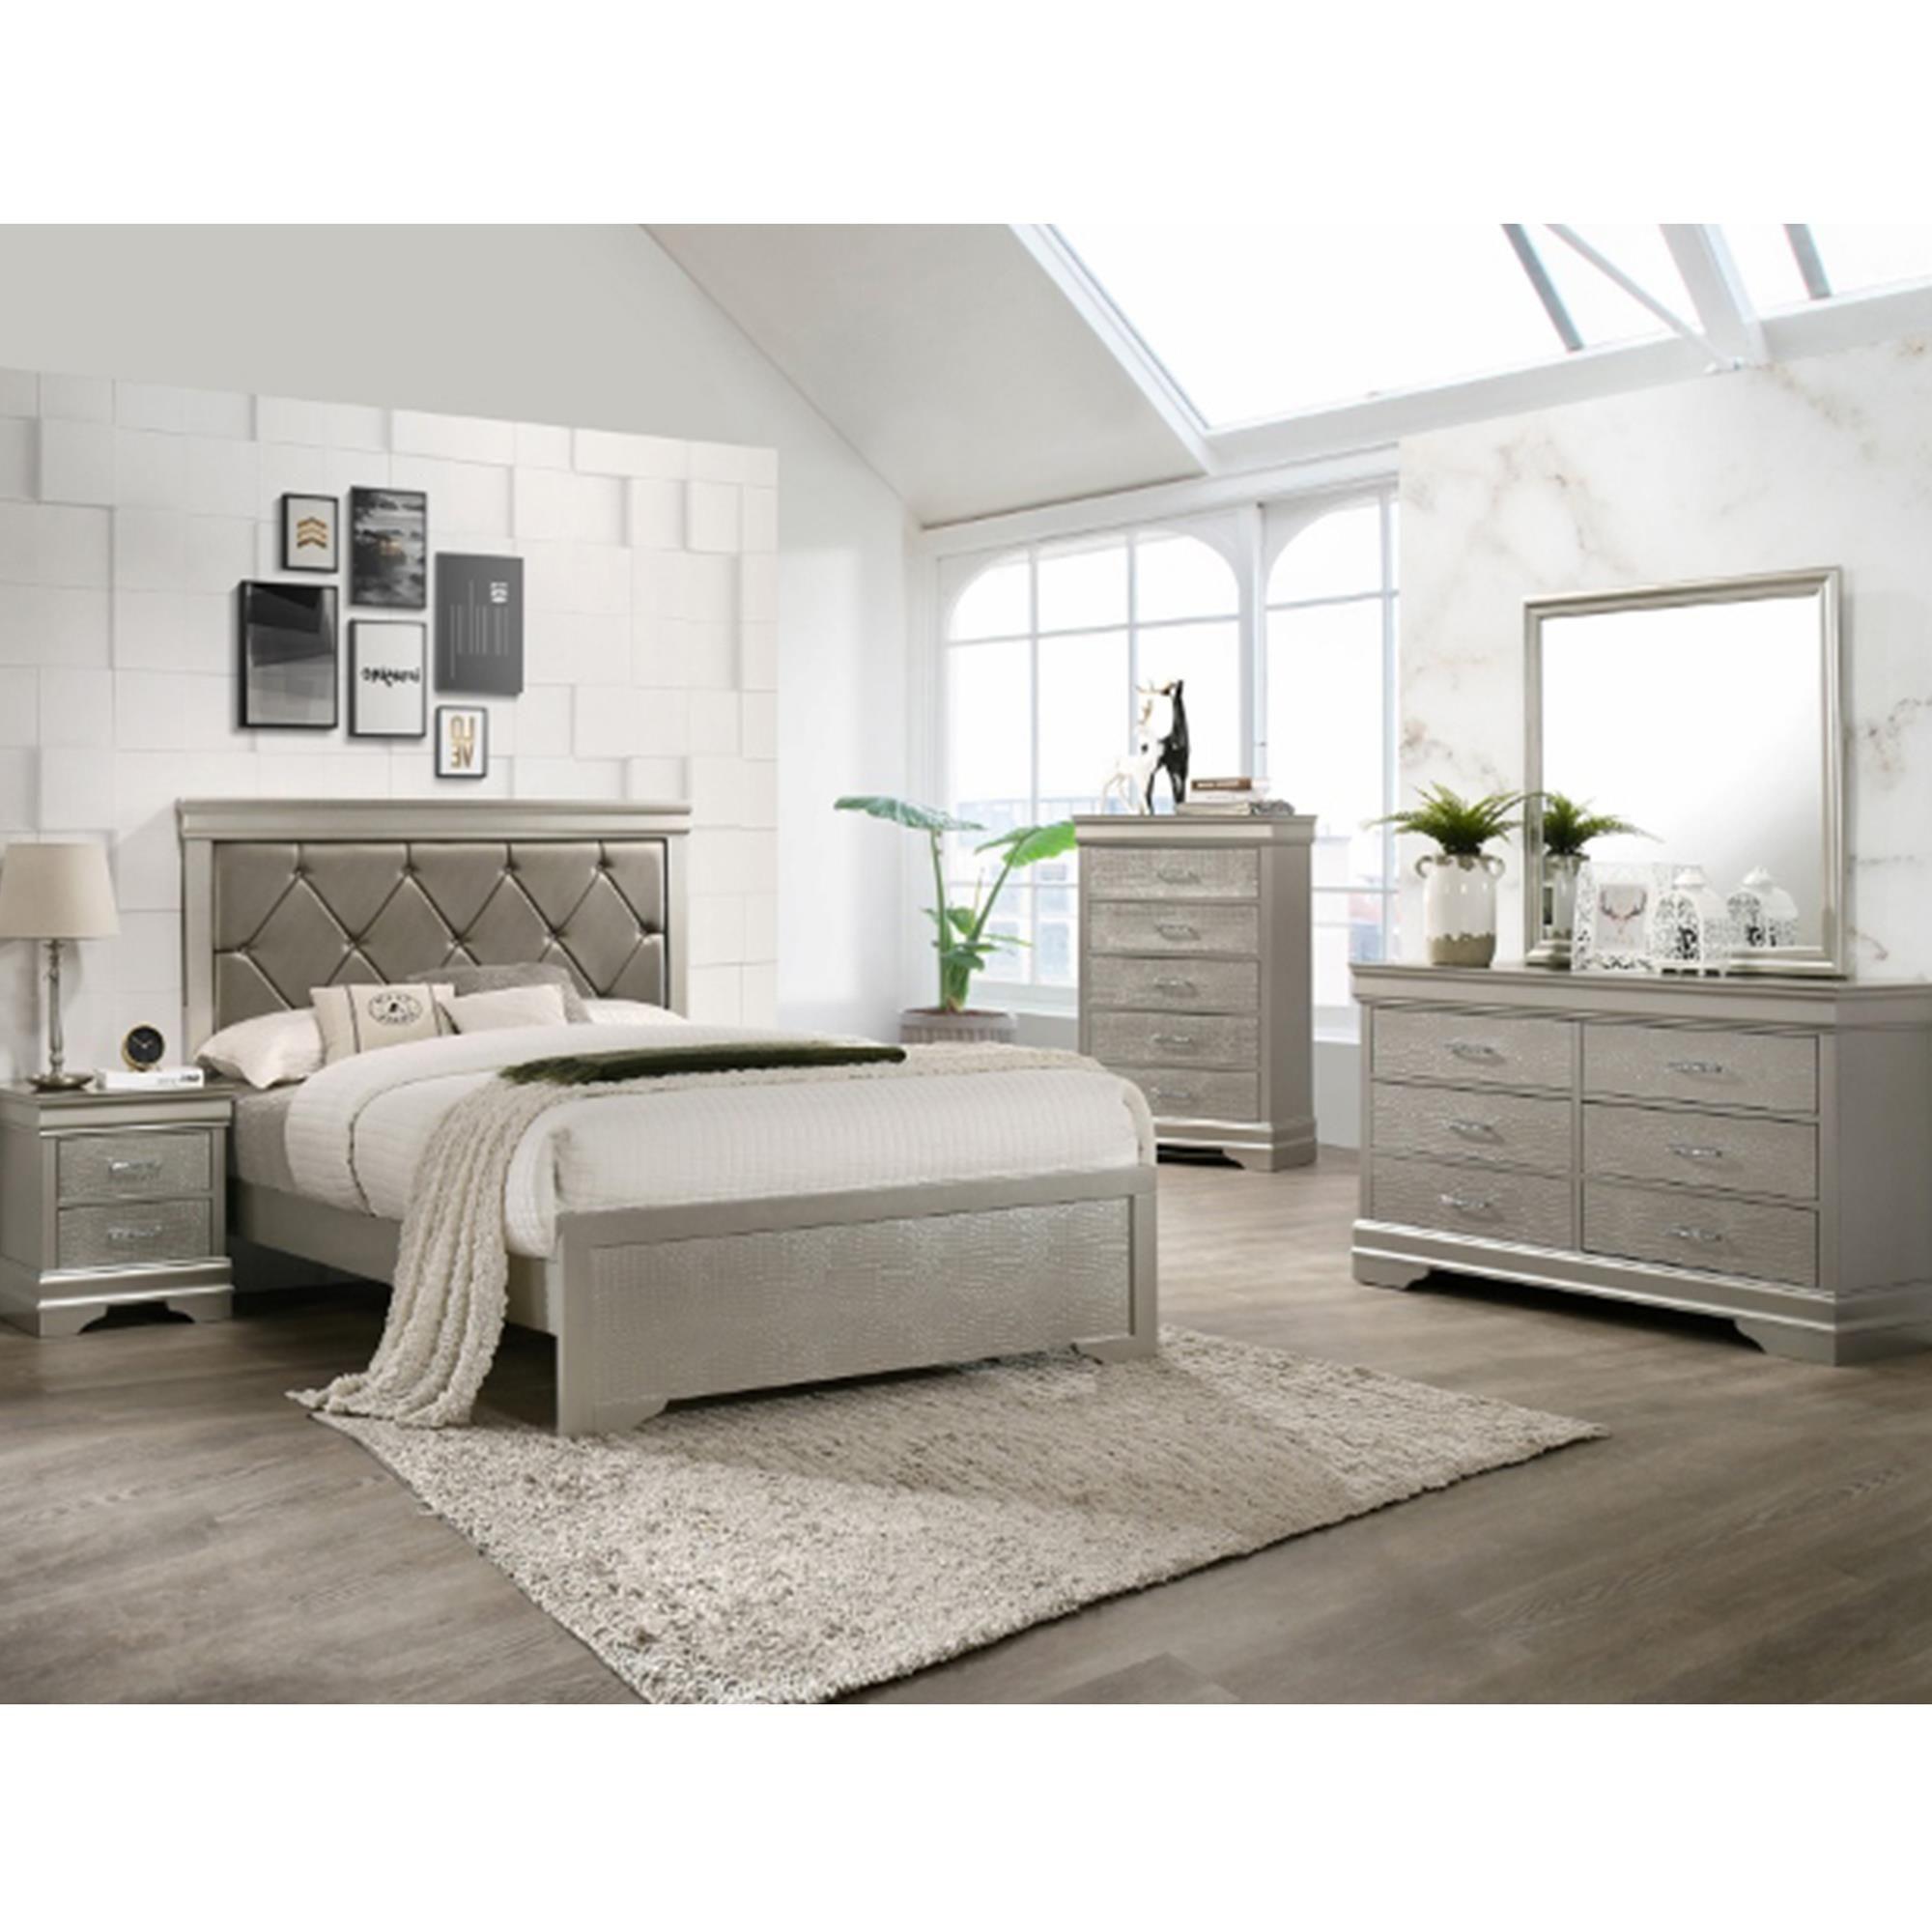 Claremont Amalia 8 Piece Queen Bedroom Set in Champagne  Nebraska